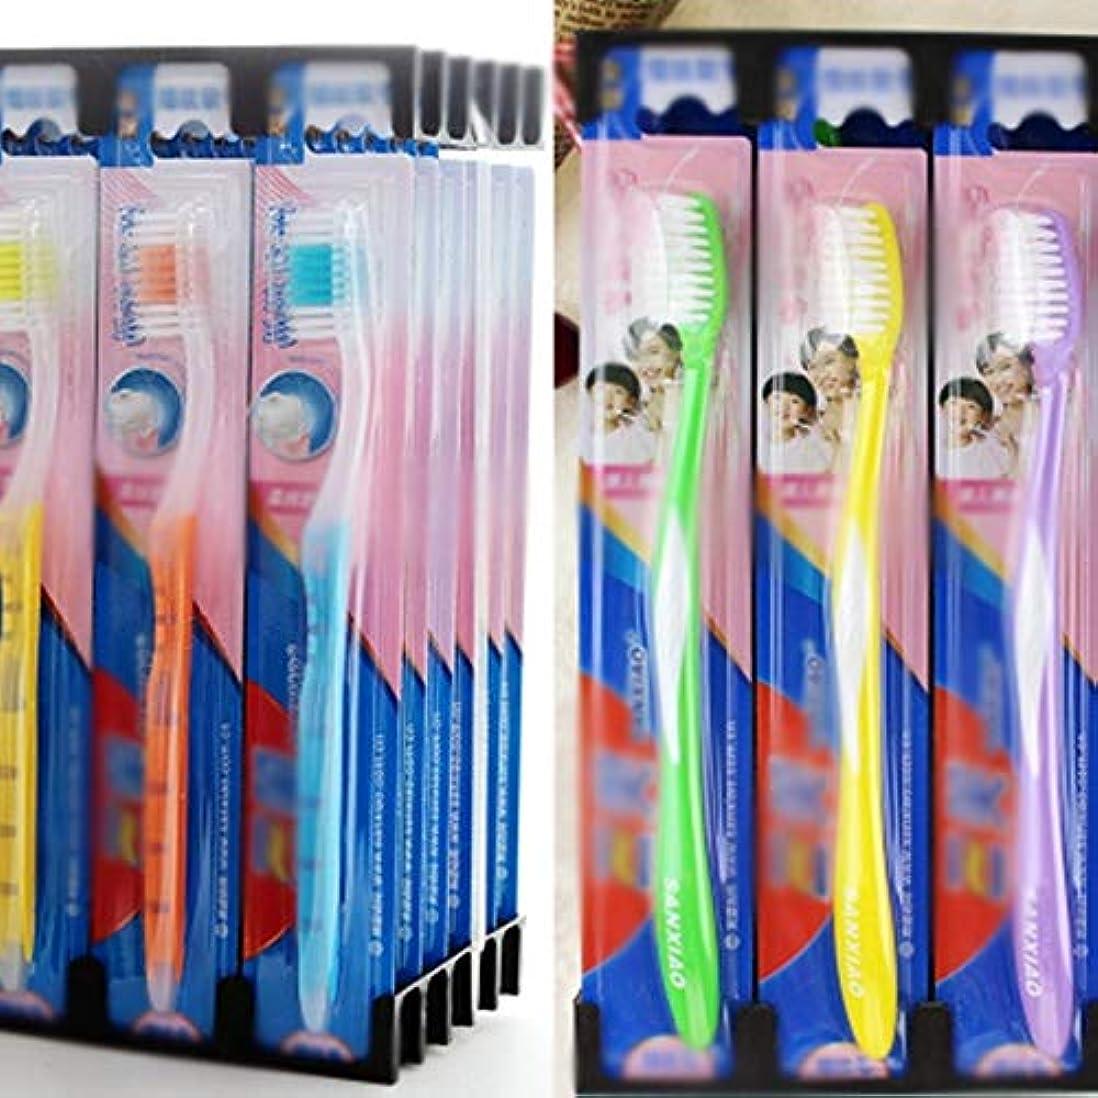 大臣皮肉な床を掃除する歯ブラシ 30パック歯ブラシ、家族バルク成人歯ブラシ、2つのスタイル混合包装歯ブラシ - 任意8つの組み合わせ KHL (色 : D, サイズ : 30 packs)